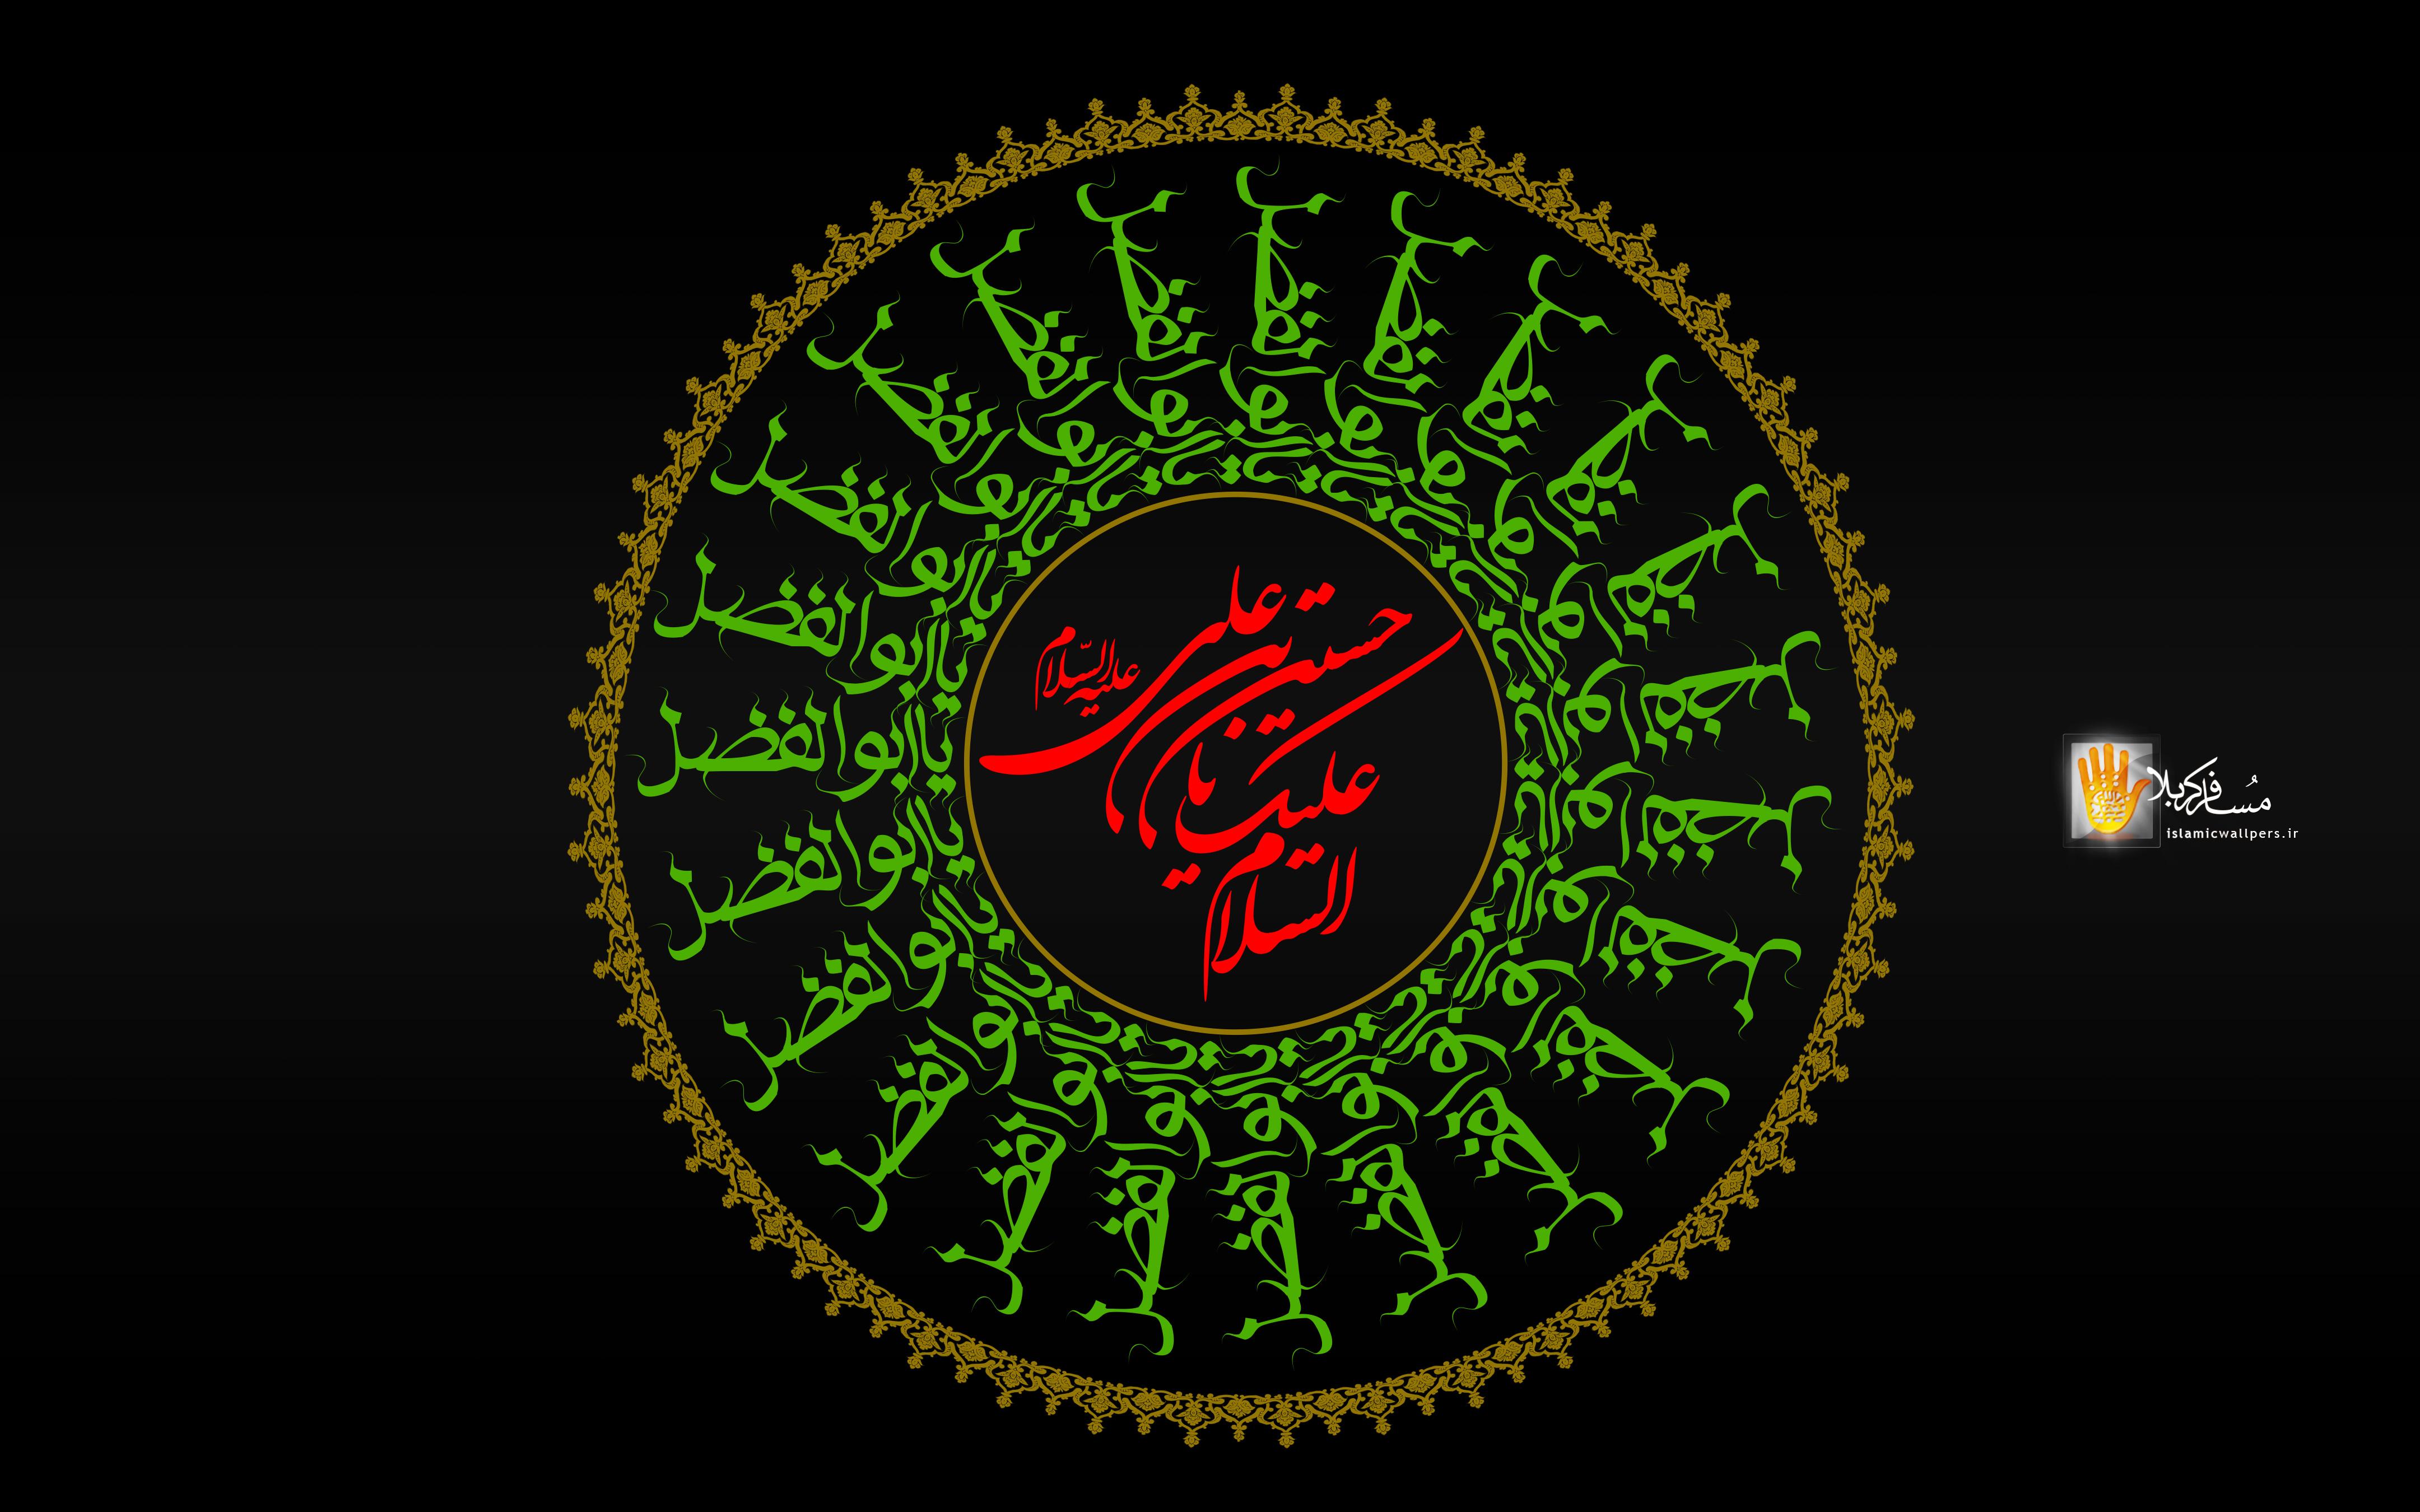 http://rozup.ir/up/mjbasaer/Post/1395/Moharram/Poster-Moharram%20(18).jpg